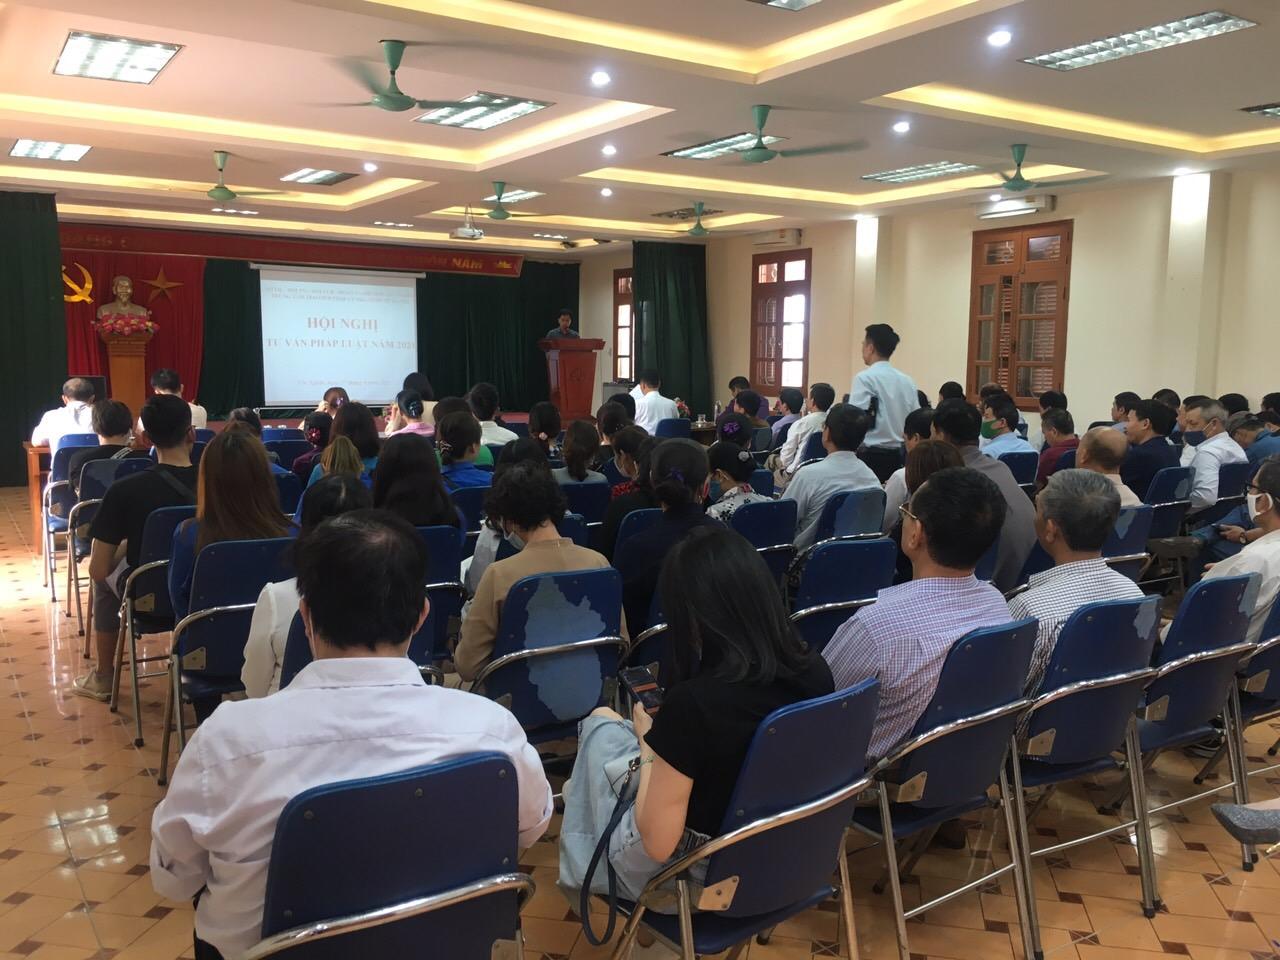 Hội LHPN phường Yên Nghĩa phối hợp tổ chức Hội nghị tư vấn pháp luật năm 2021